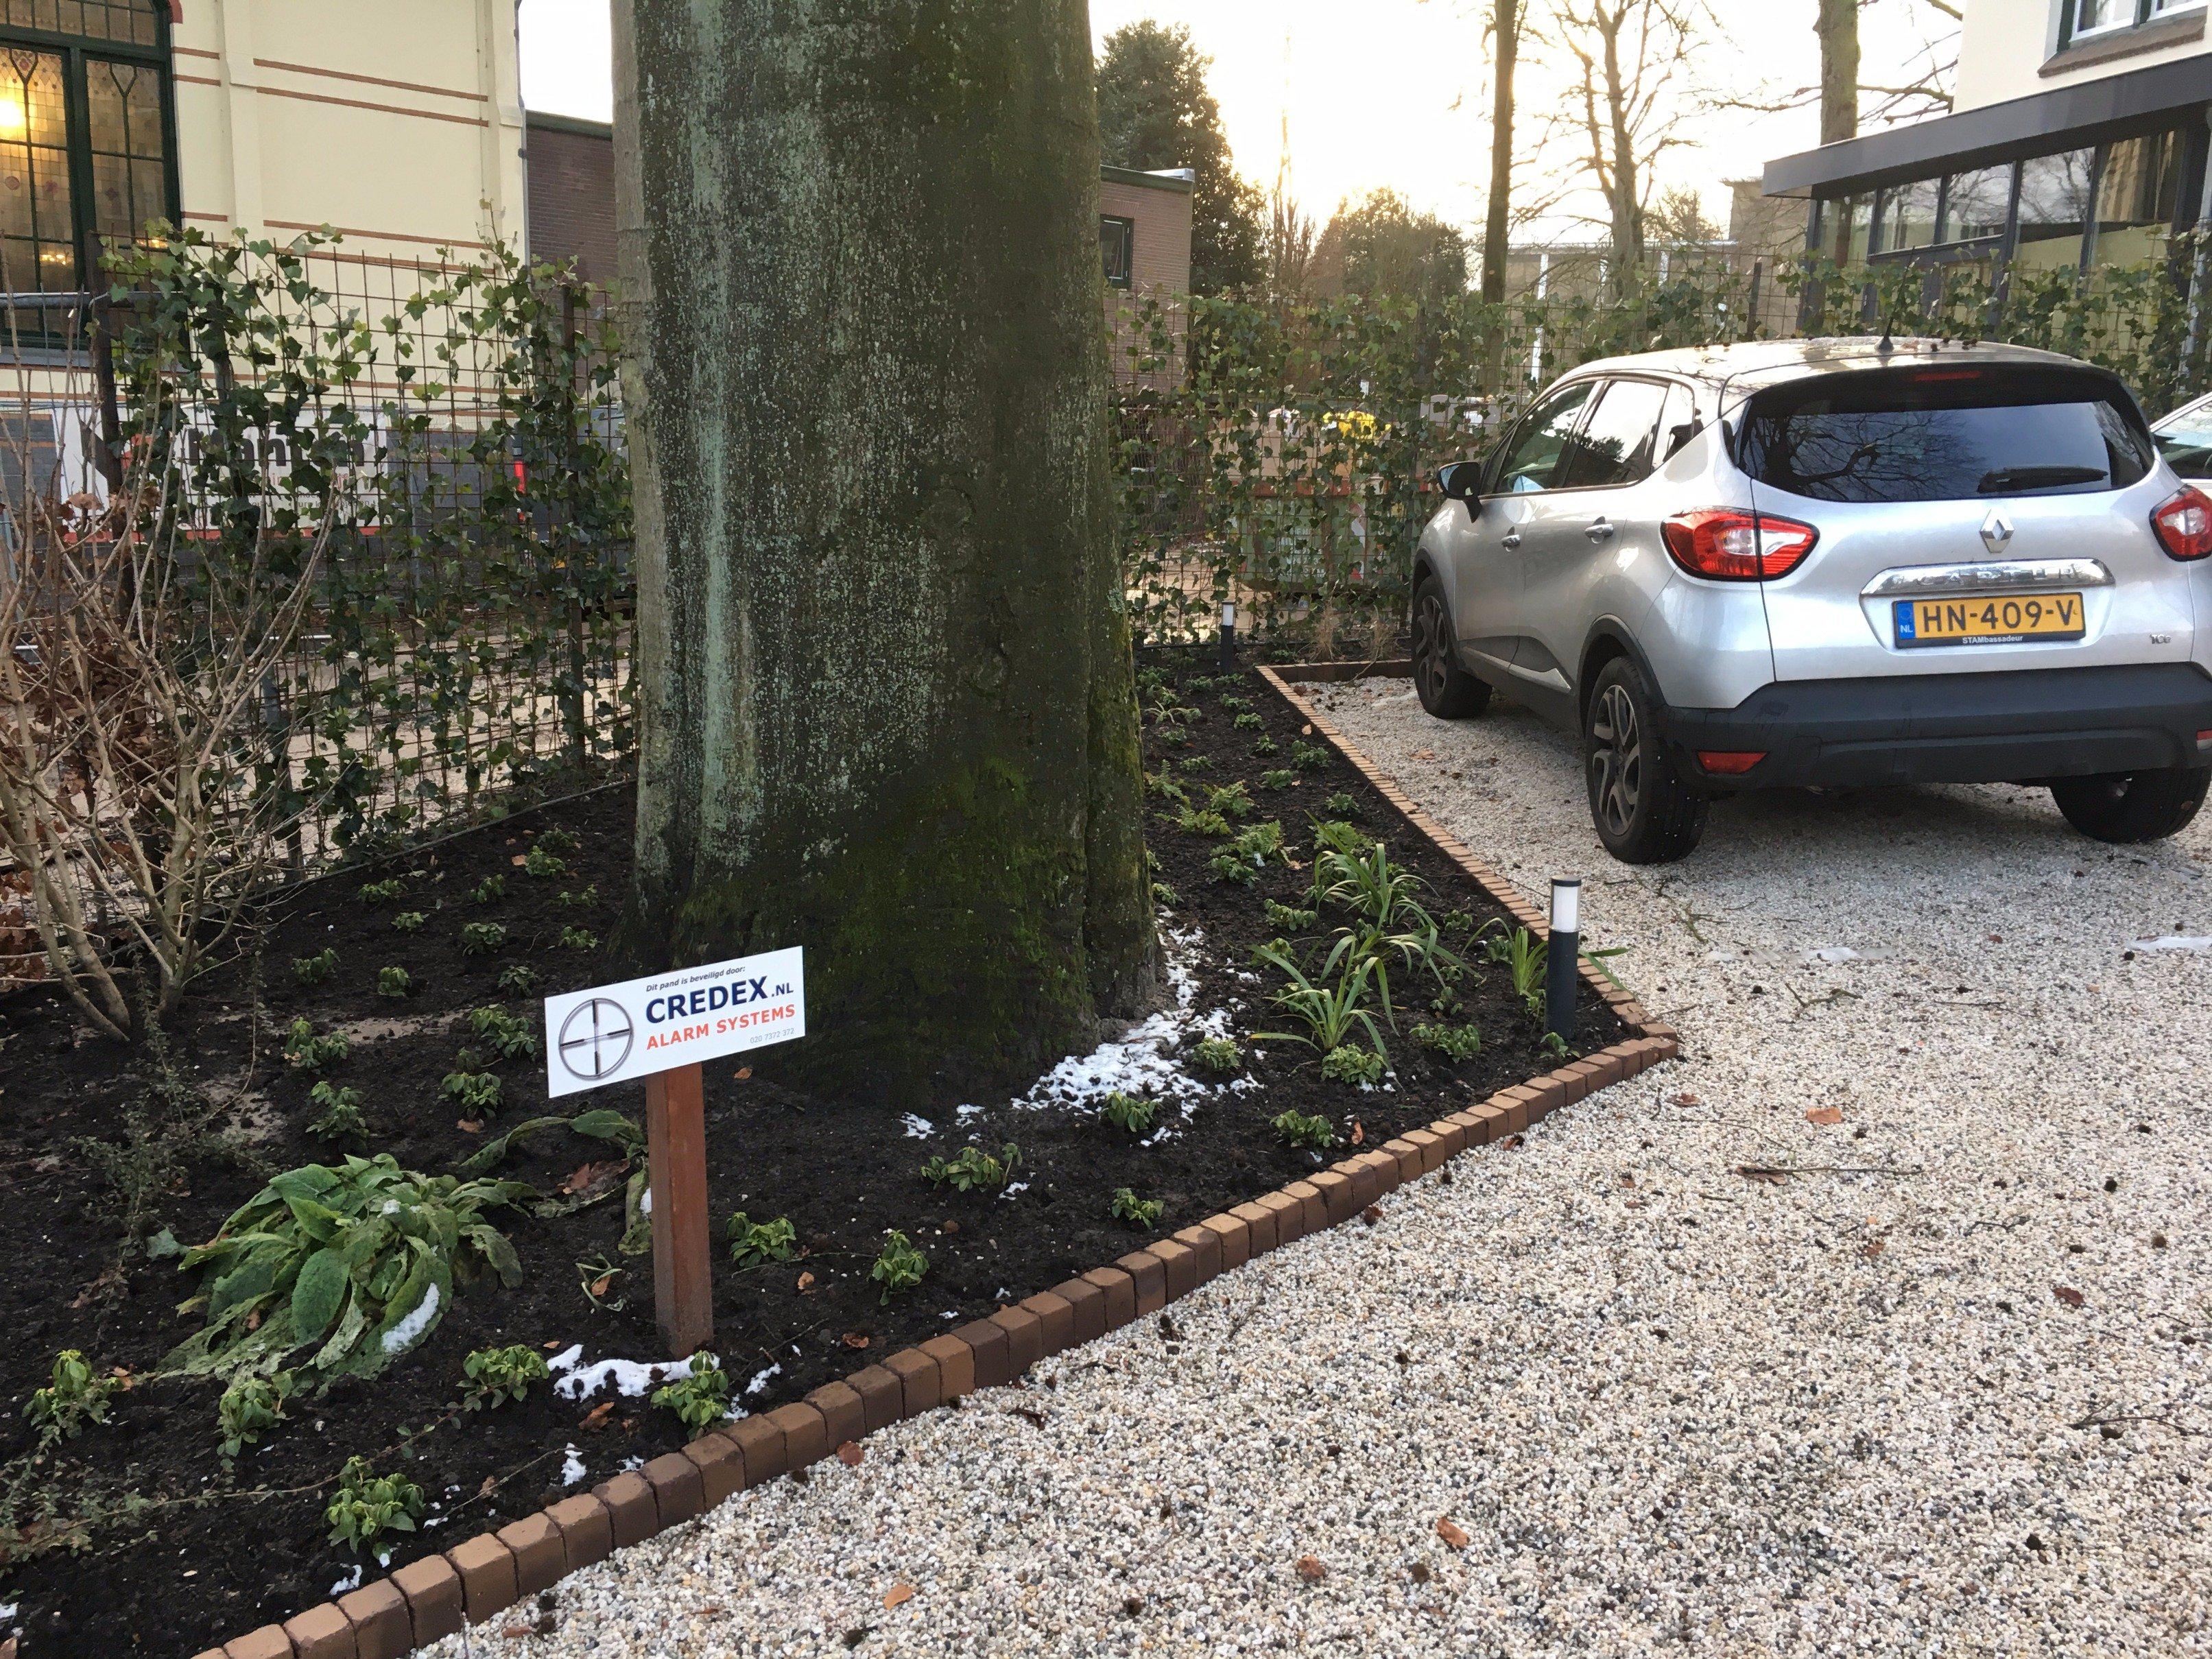 Pand in Hilversum